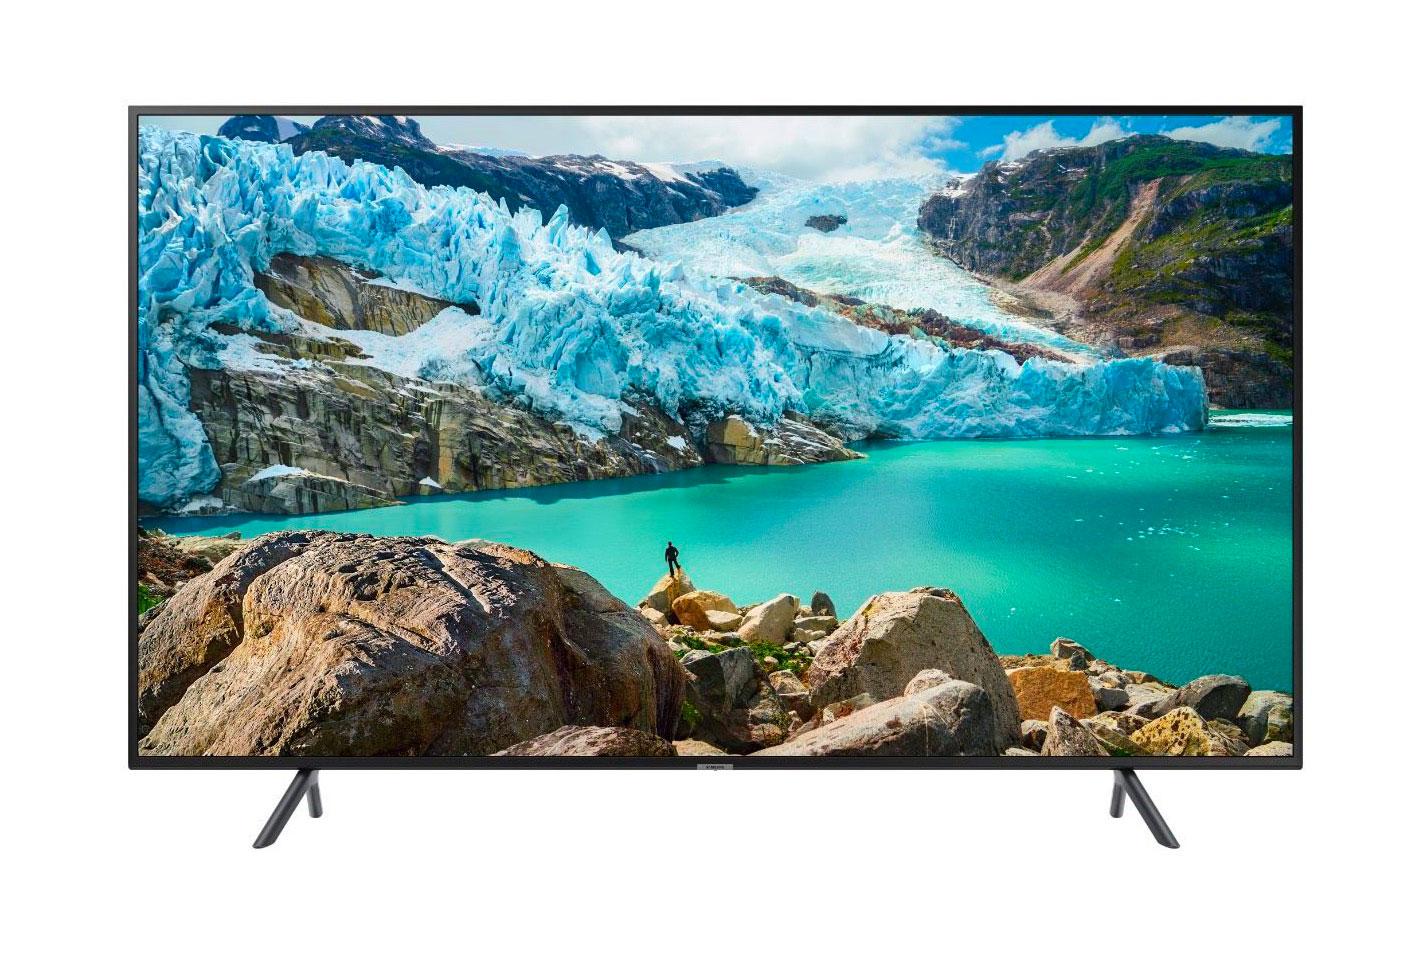 Le TV LED Samsung UE58RU6105, un téléviseur très complet